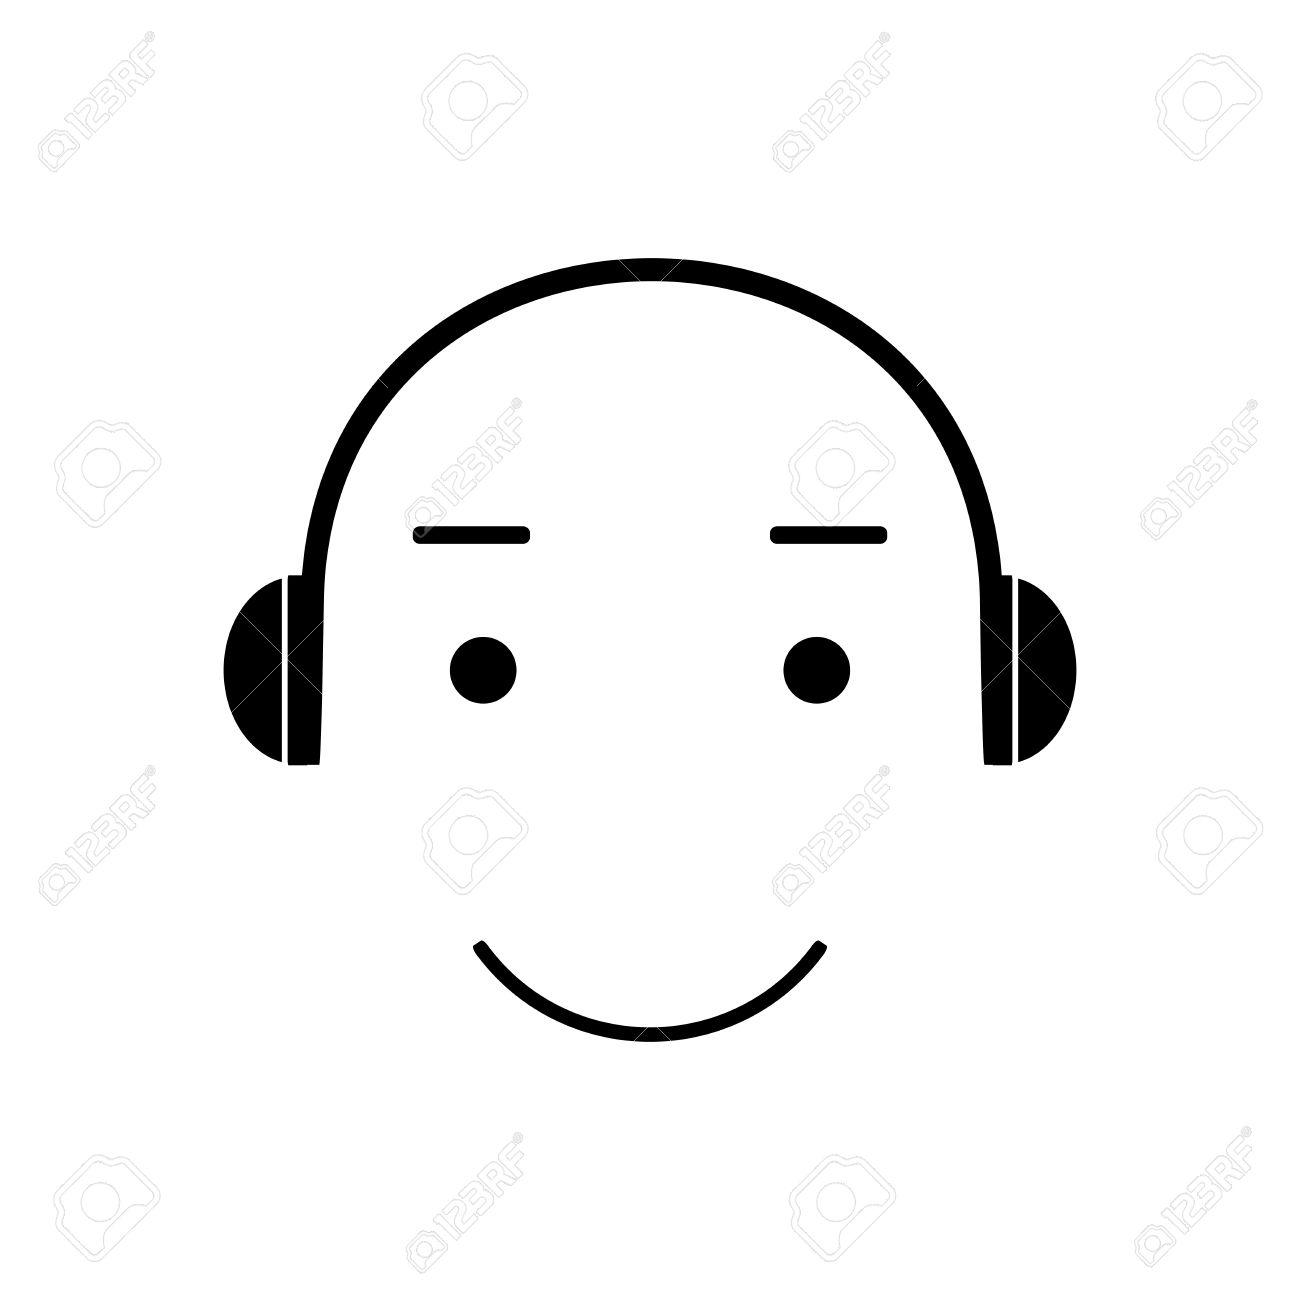 Visage Emoji Melomane Ecoute De La Musique Avec Un Casque Emoticones Illustration Vectorielle Musique Icone Vecteur De Musique Banque D Images Et Photos Libres De Droits Image 55126644